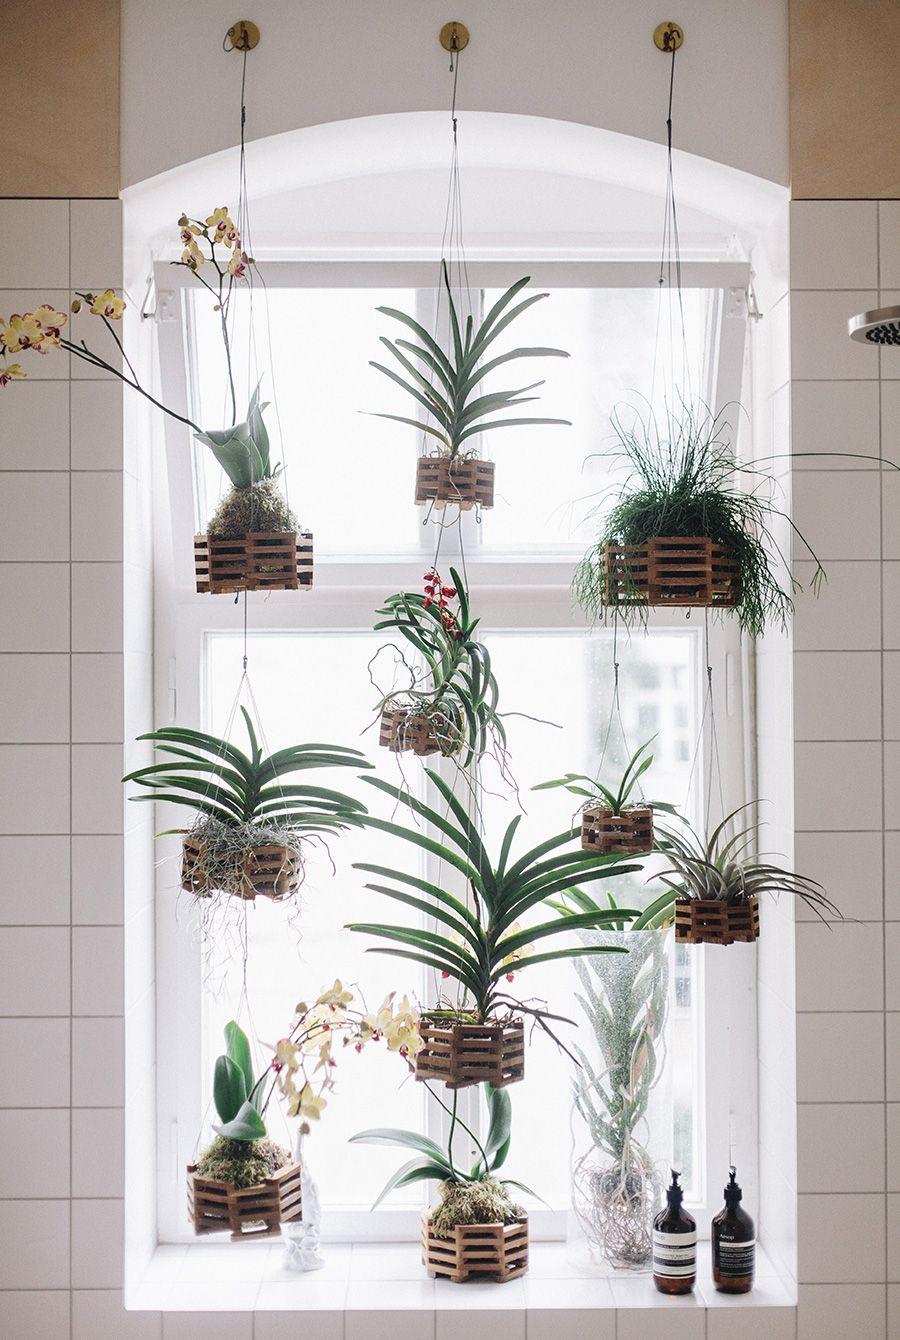 Manfaatkan ruang kecil di sisi jendela untuk menggantung berbagai jenis tanaman untuk membuat suasana terlihat lebih segar. Area di sisi jendela seperti ini dijamin akan mendapatkan asupan sinar matahari yang dibutuhkan oleh tanaman Anda.